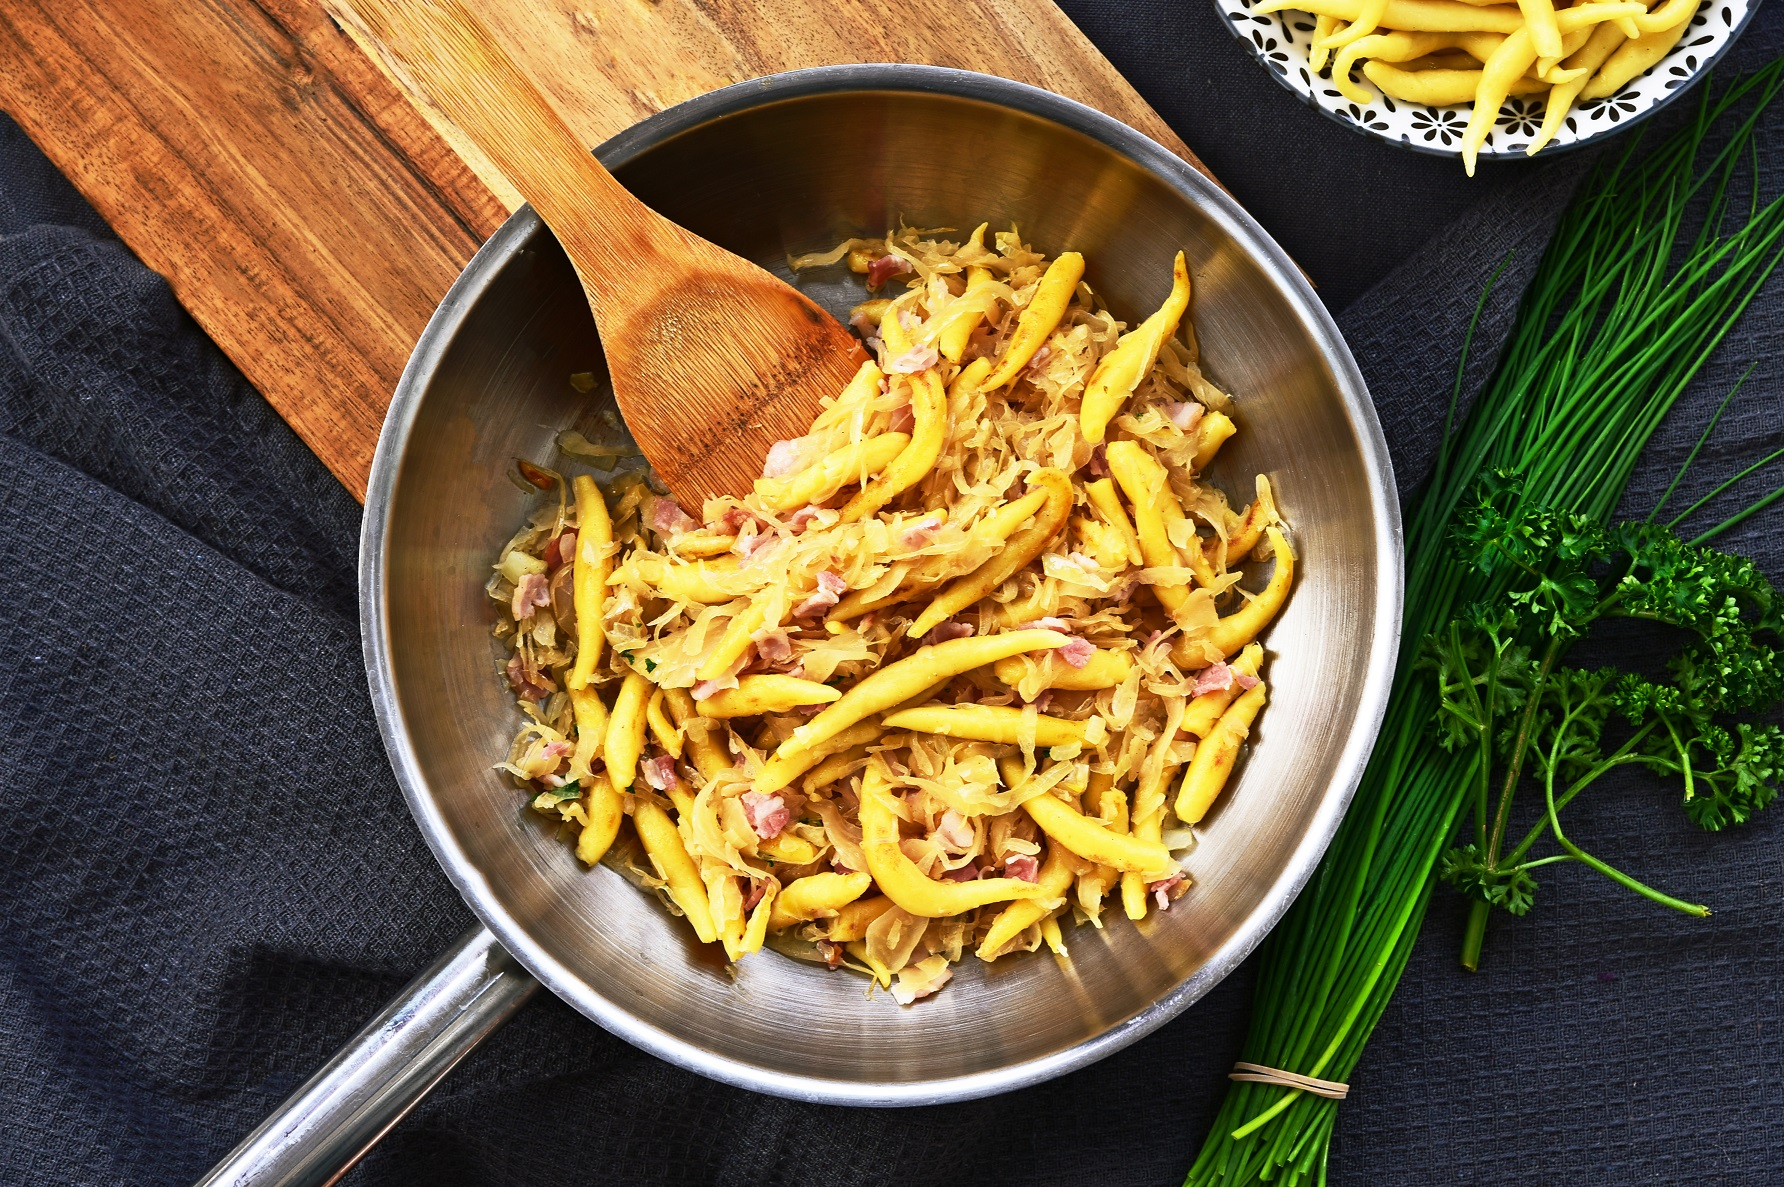 Schupfnudeln Rezept Fingernudeln mit Sauerkraut, vegetarisch, mit Hackfleisch, Spinat, Pilzen, vegan